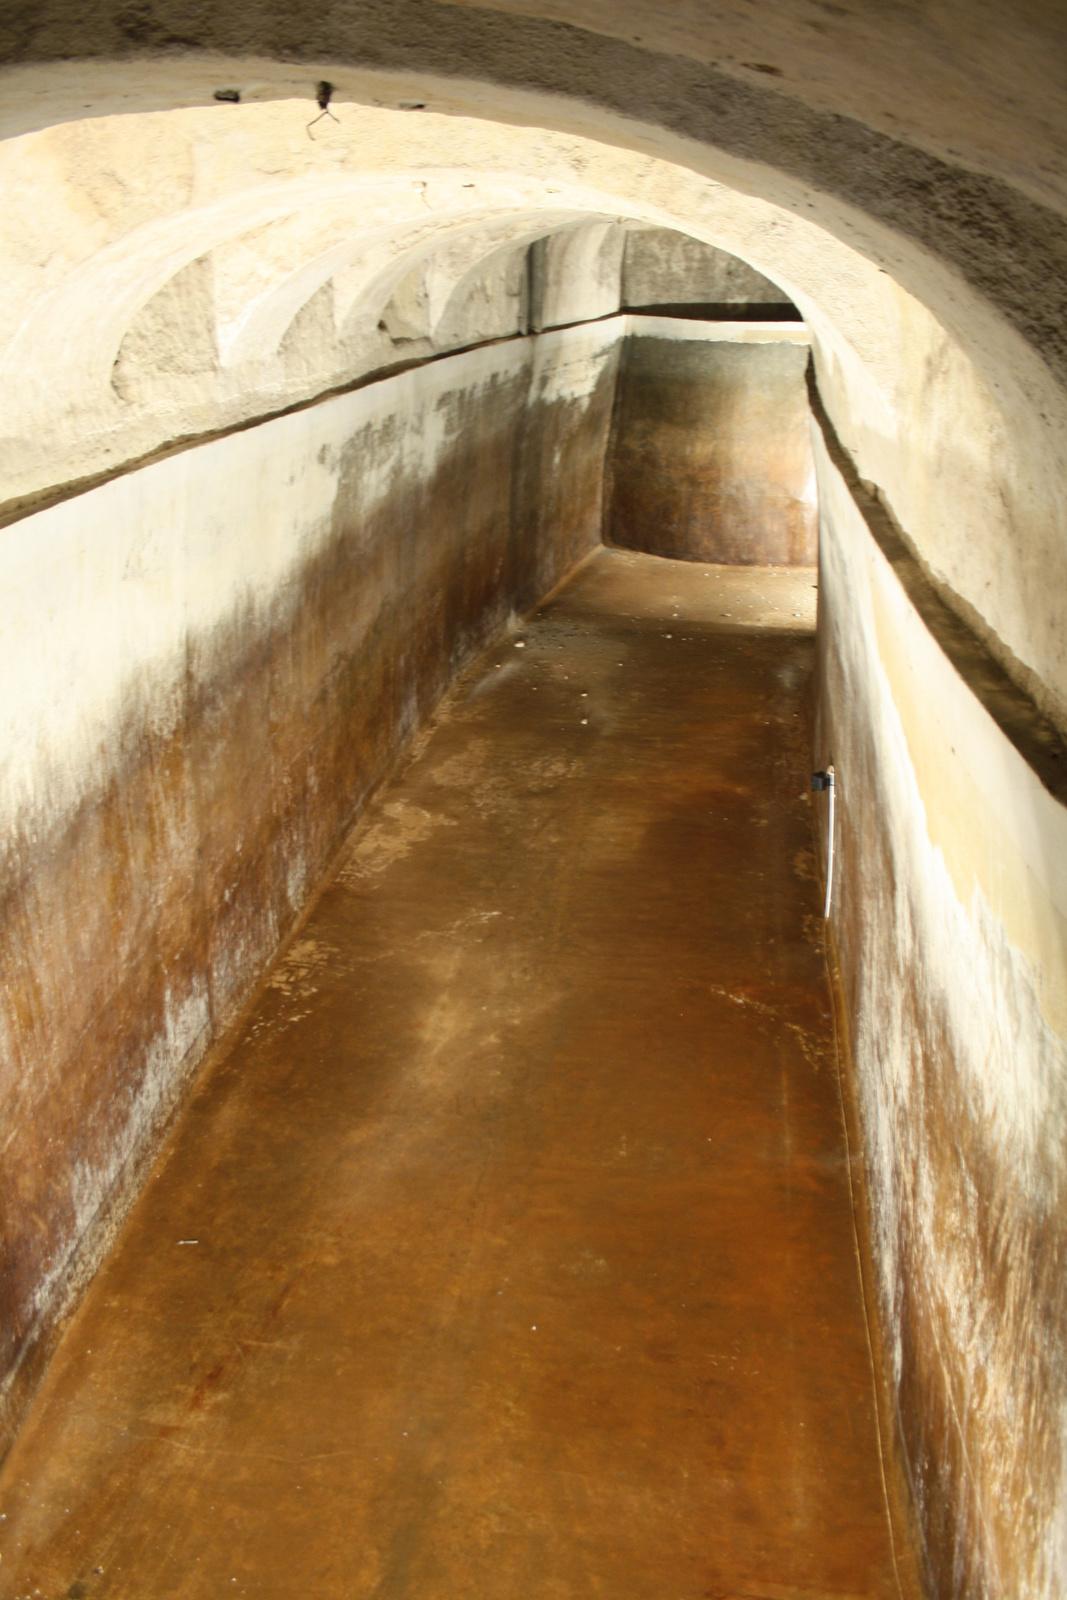 1.000.000 liter víz helye-földalatti víztároló